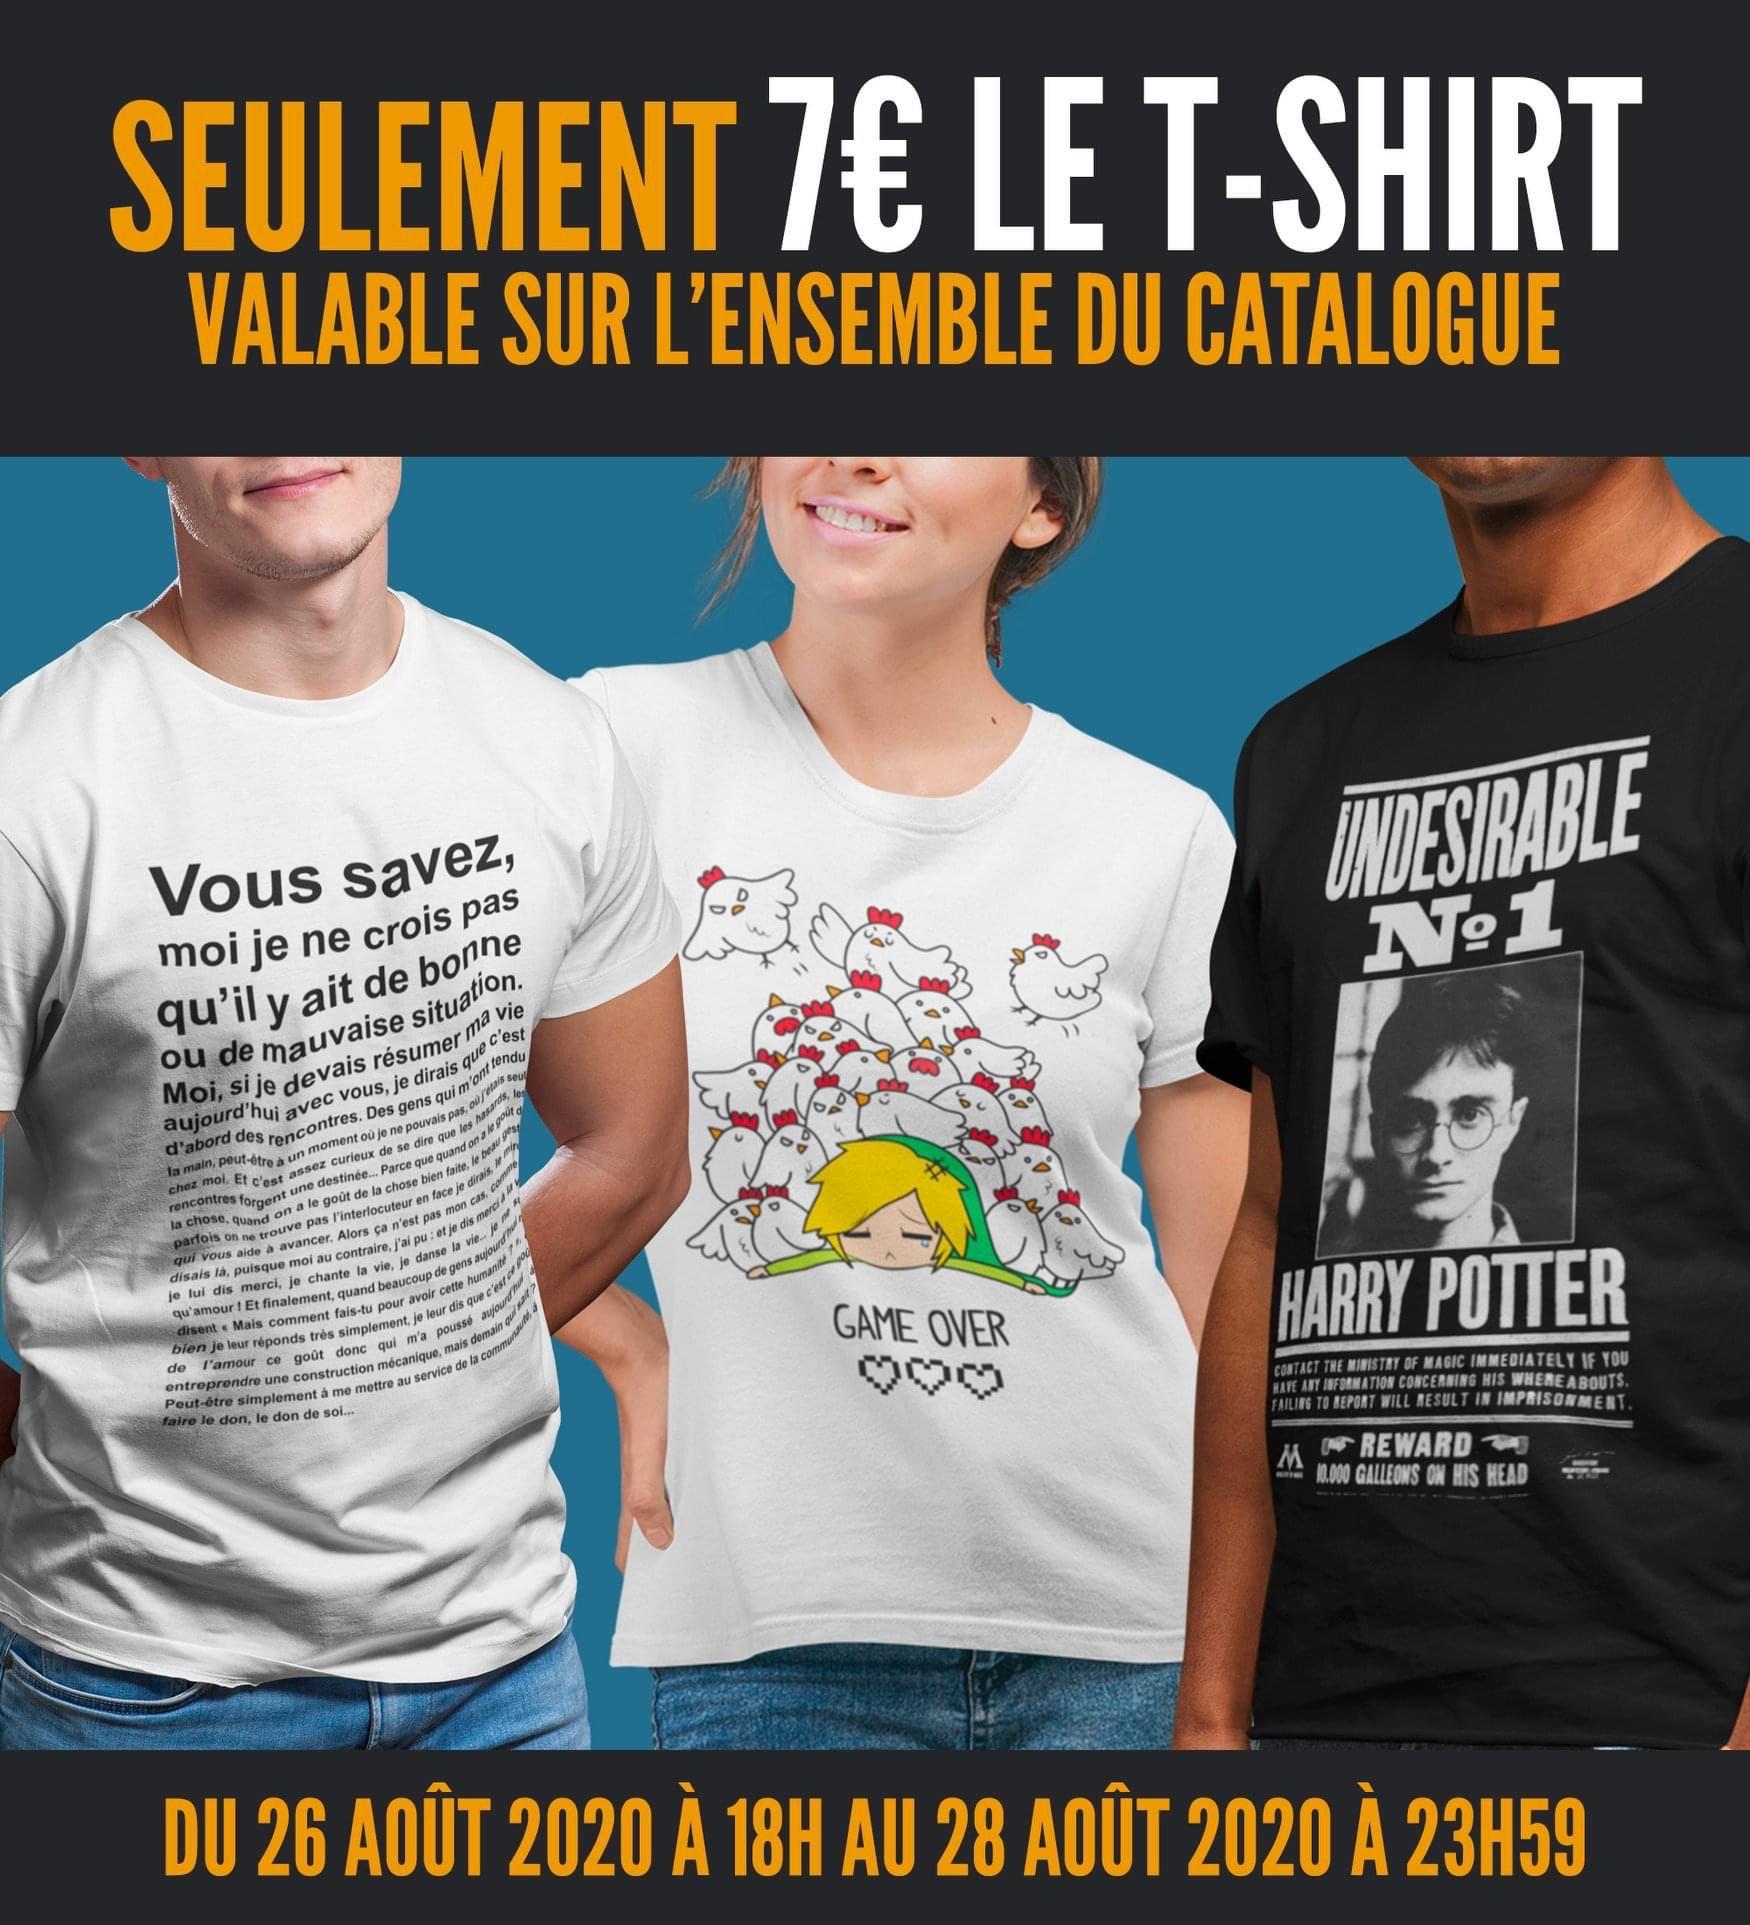 Sélection de T-shirts Geek à 7€